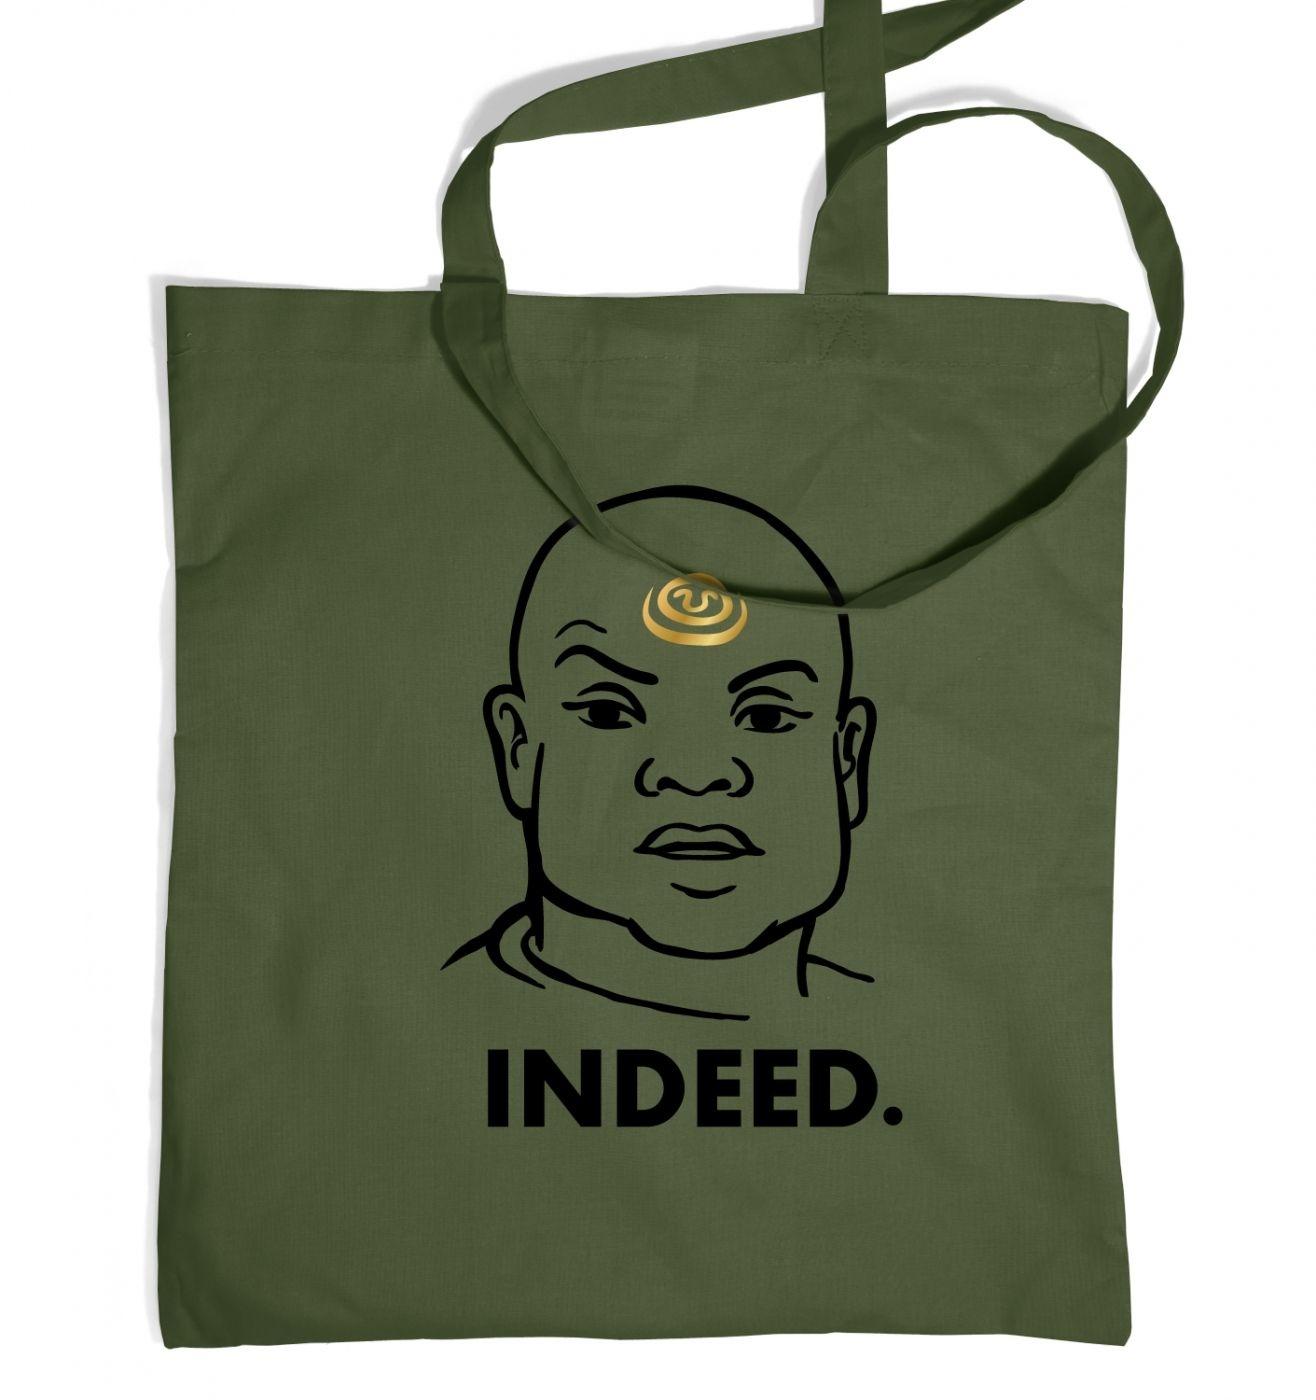 Indeed Teal'c tote bag